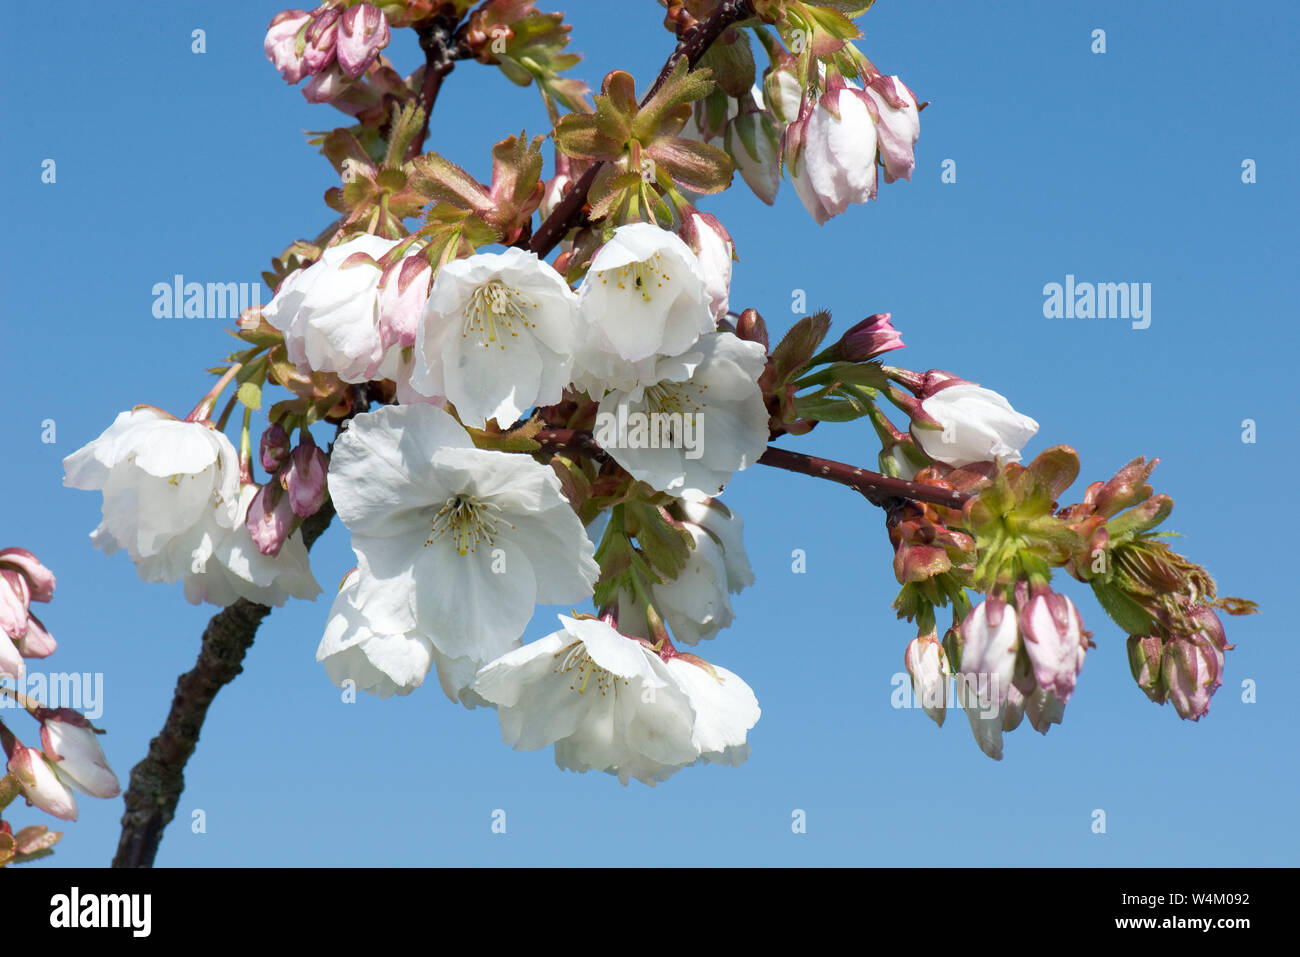 Fiori Bianchi Marzo.Fiori Bianchi Apertura Contro Un Cielo Blu Su Una Fioritura Cherry